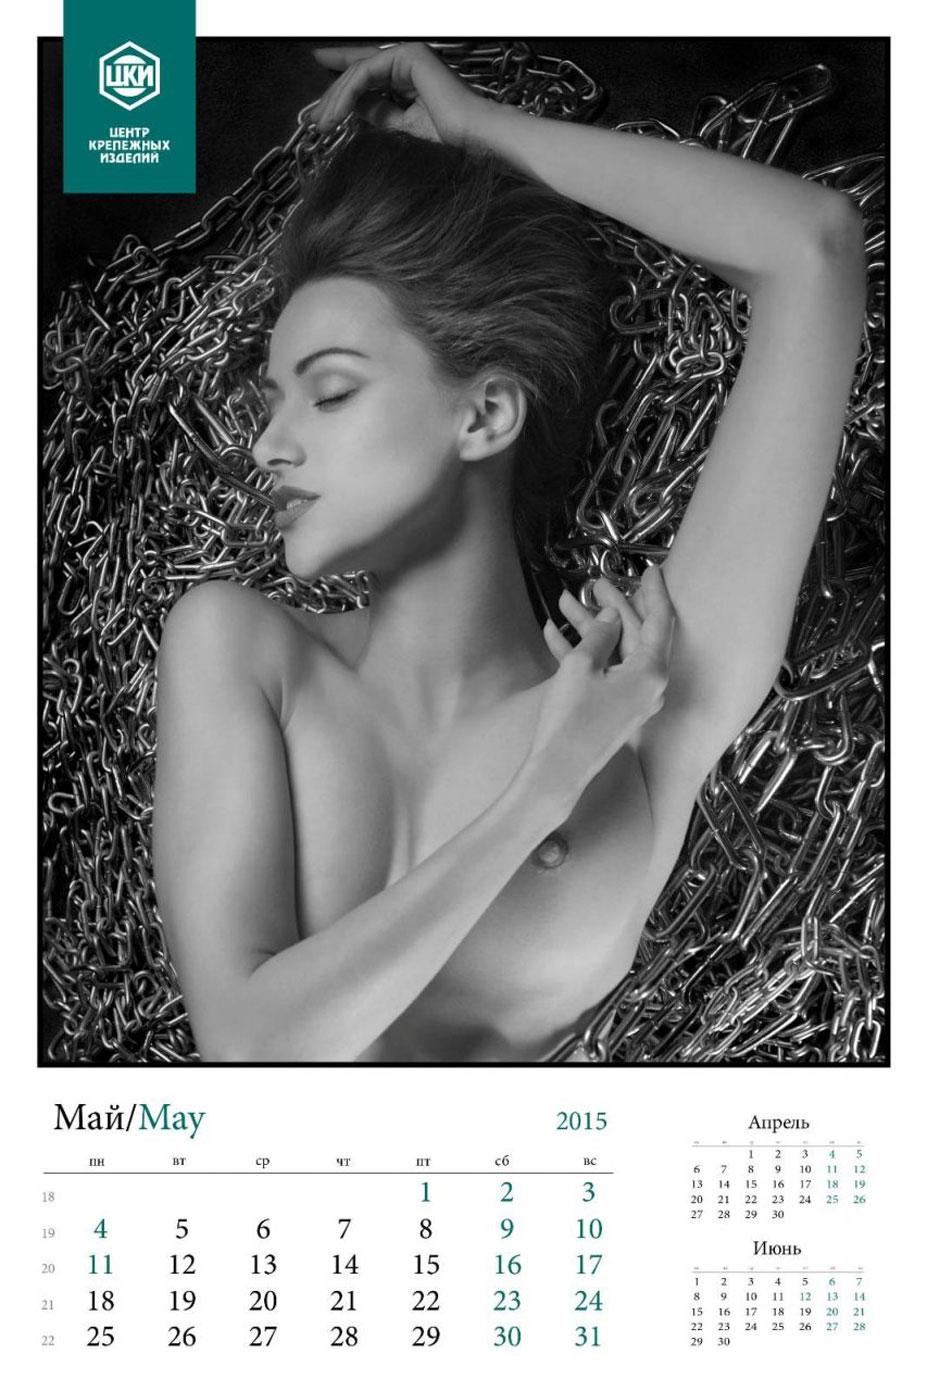 Эротический календарь компании -Центр Крепежных Изделий- на 2015 год